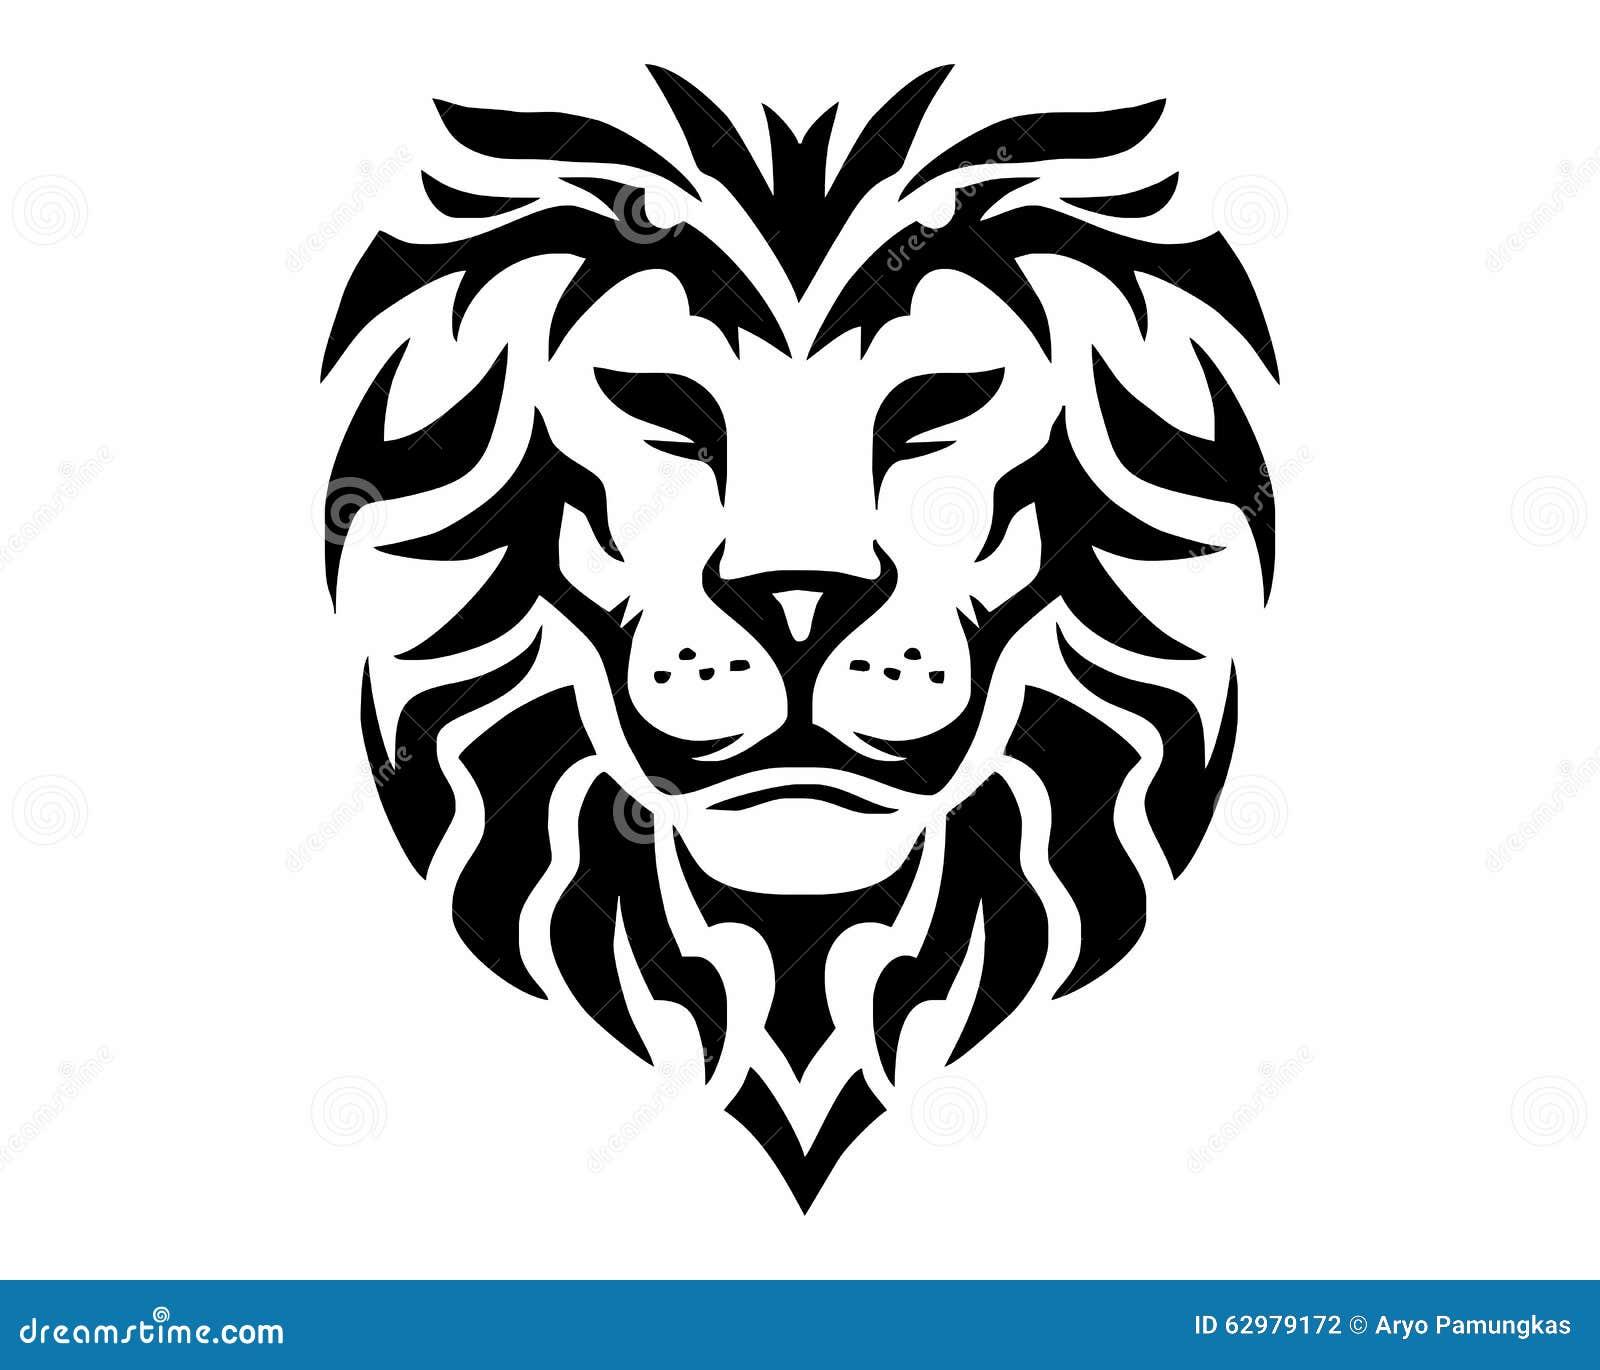 image logo lion